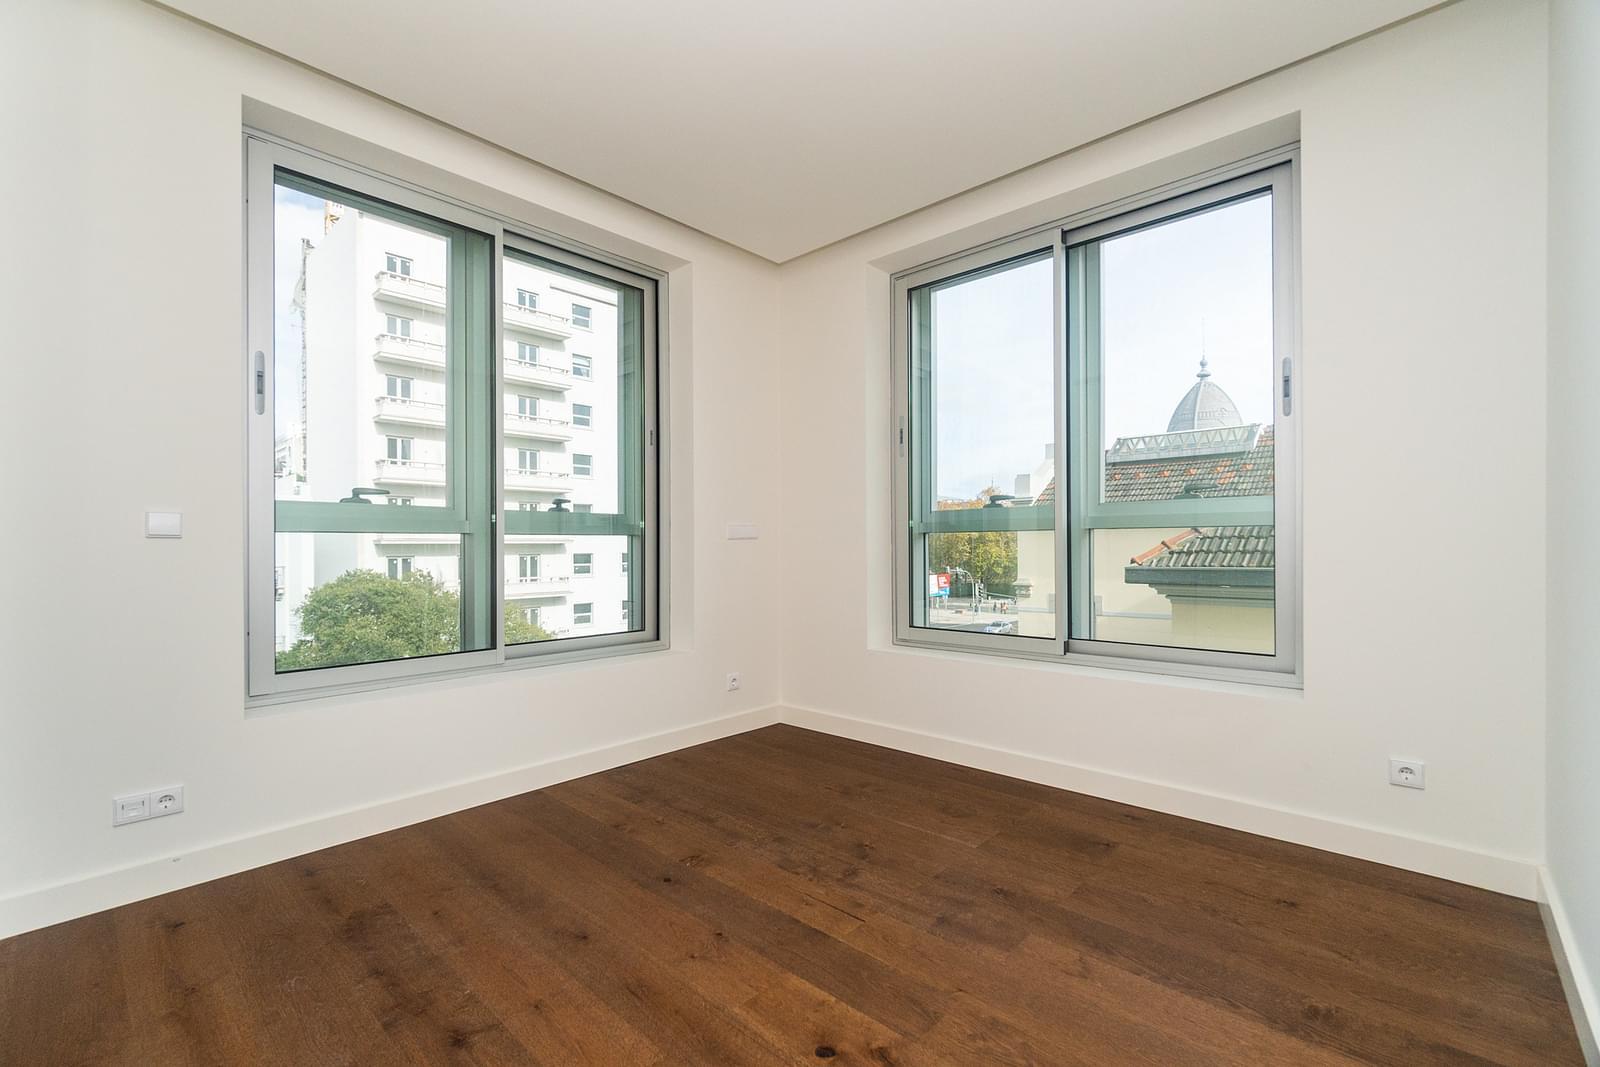 pf18694-apartamento-t3-lisboa-2ec7d906-adcc-4463-99be-e4ef60a9cc15